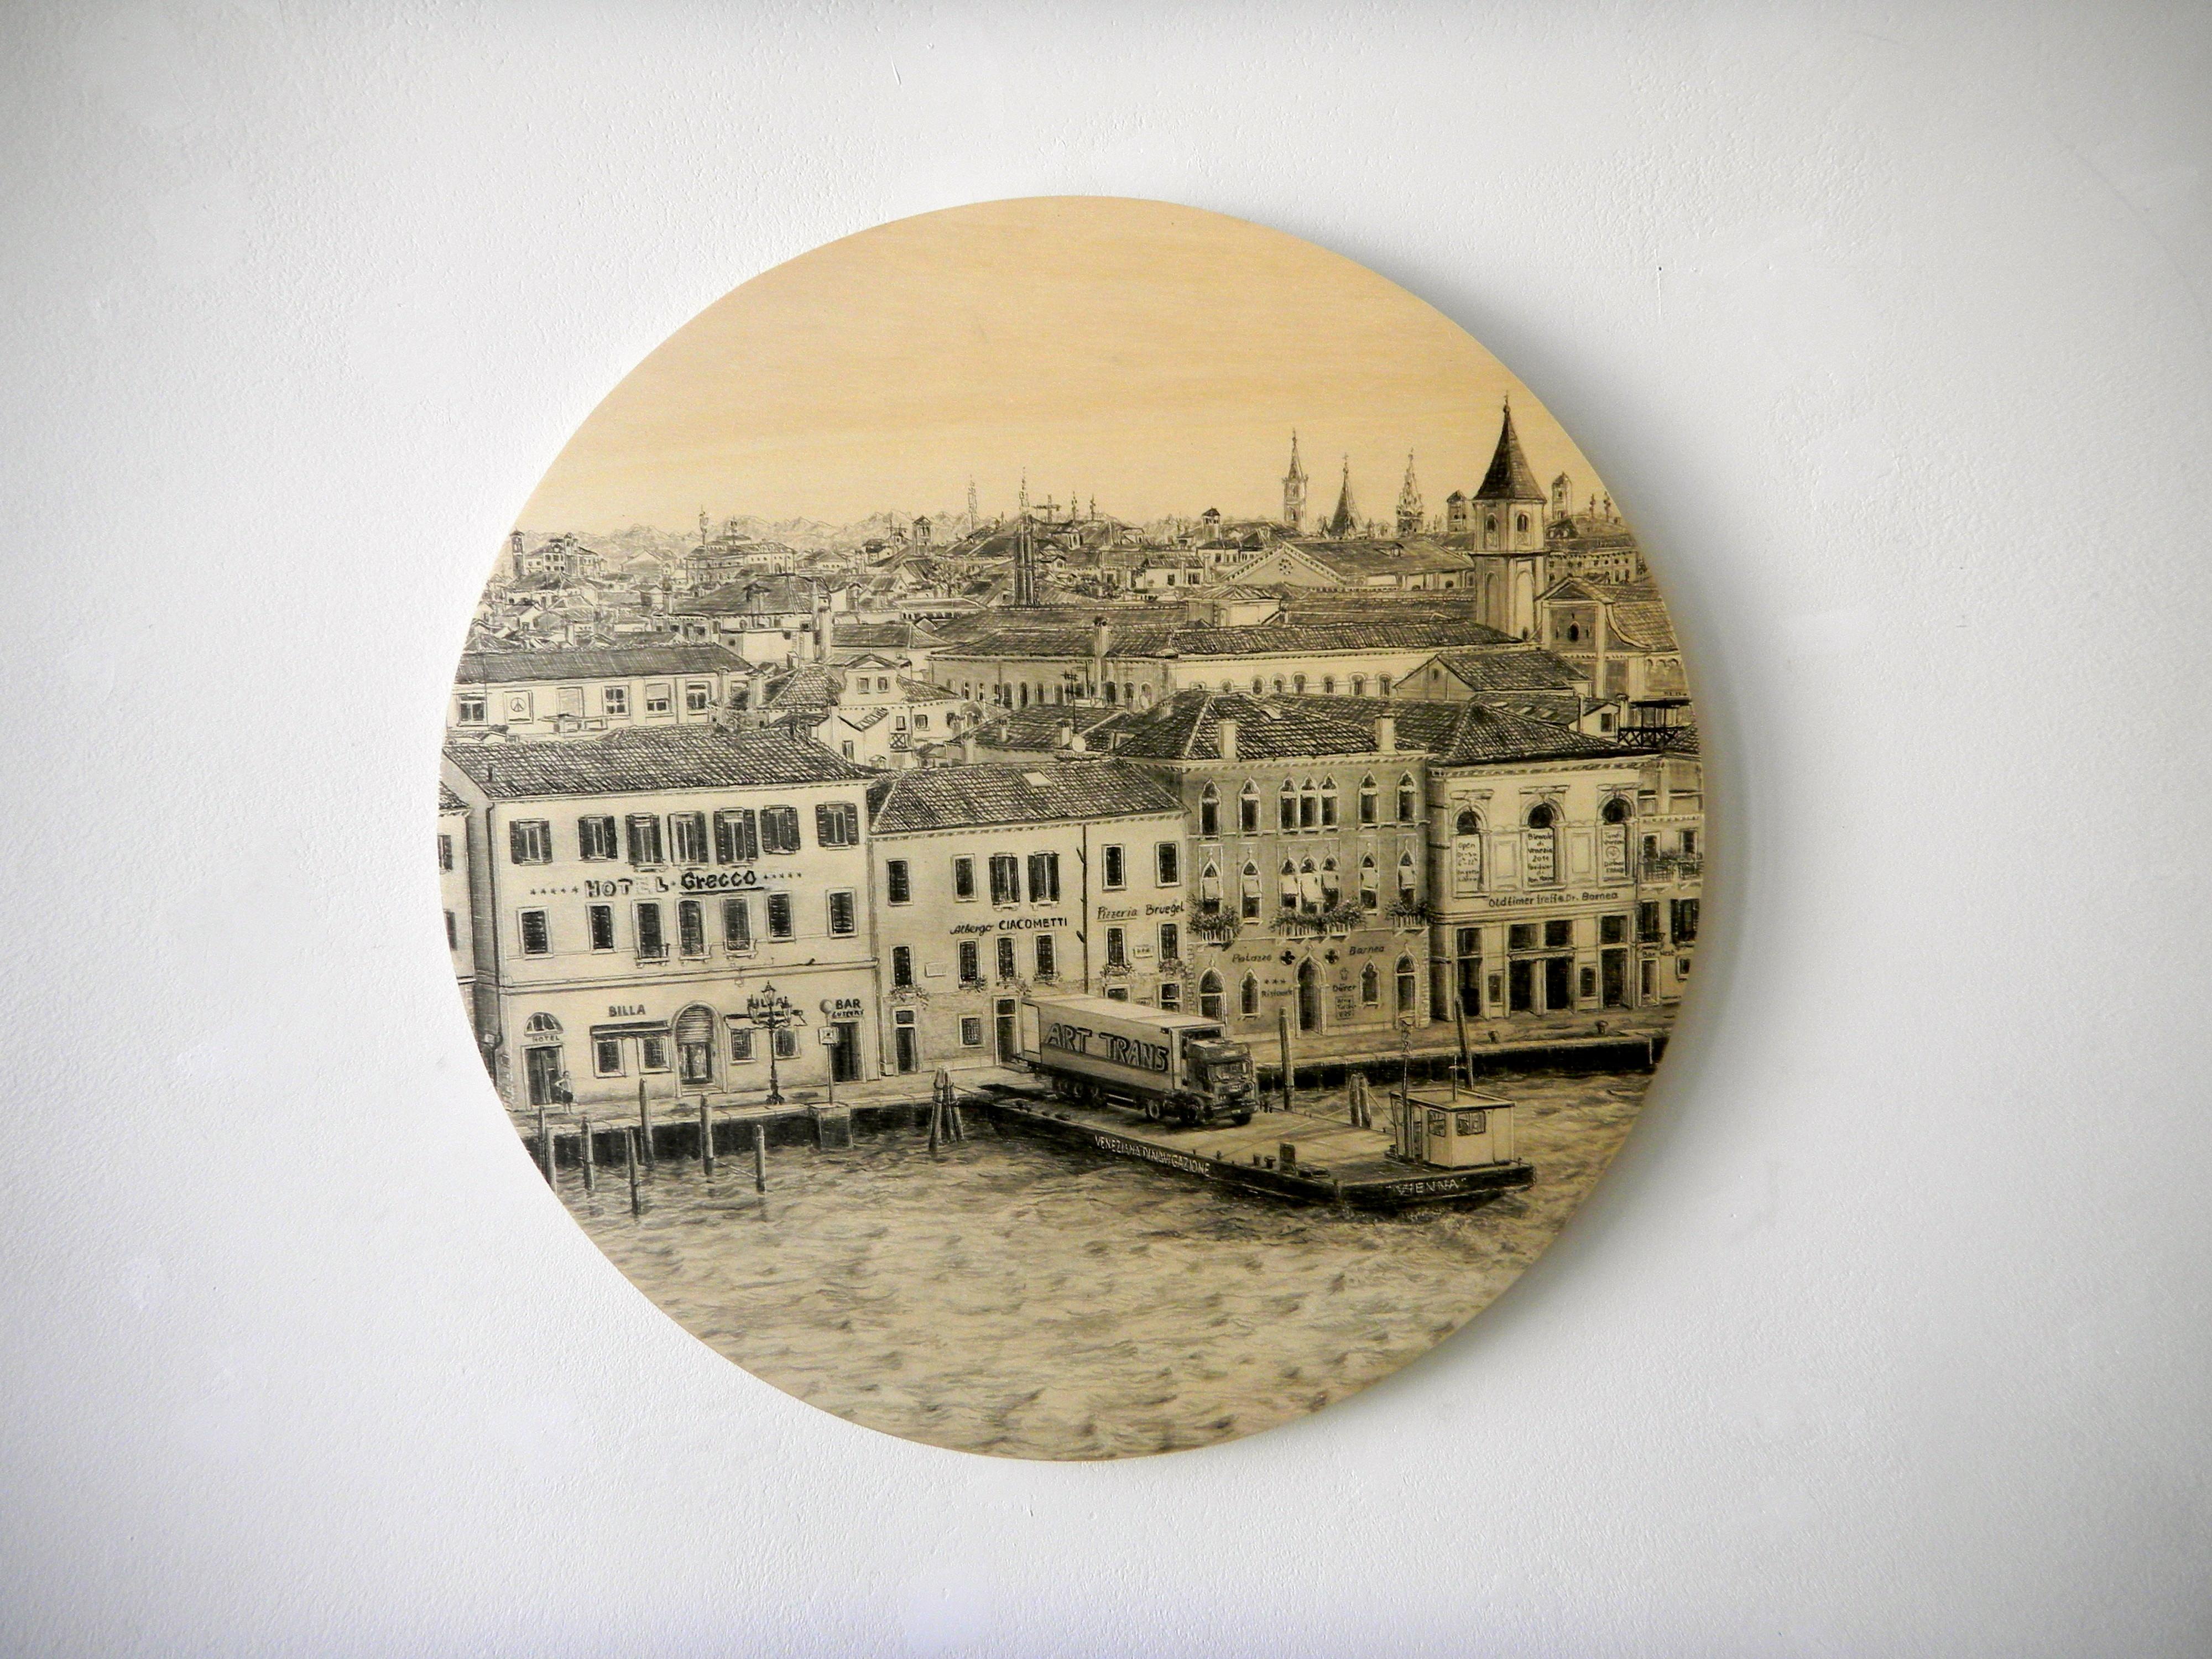 D. Franz: Billa Venezia, 2012